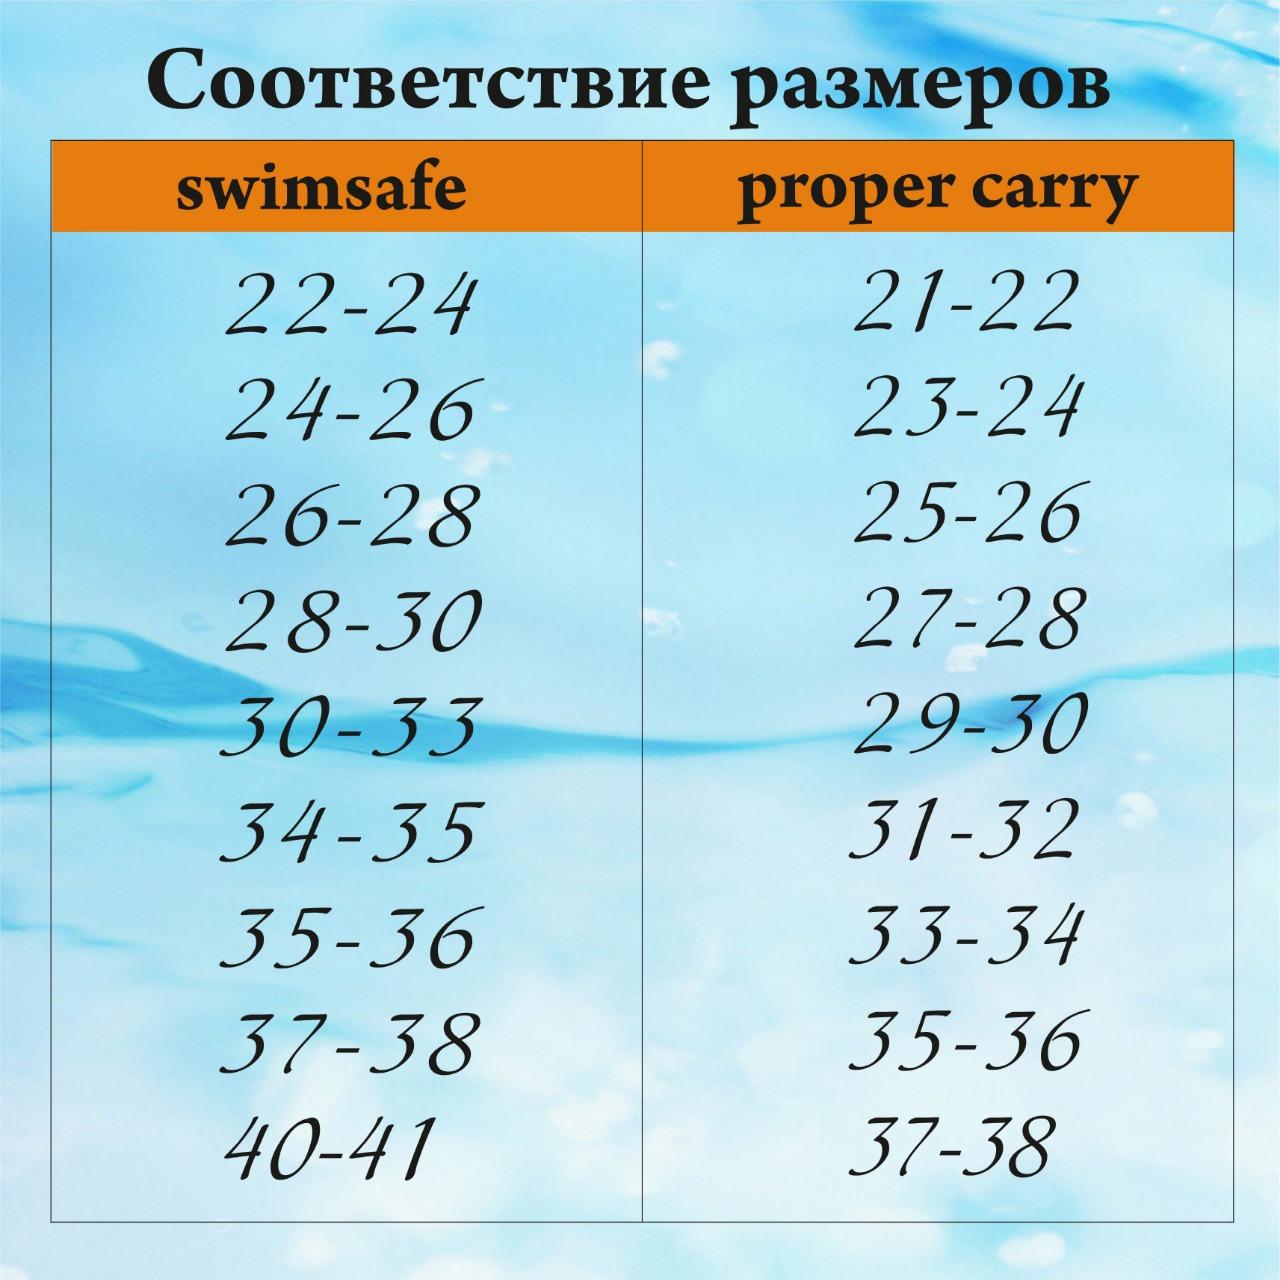 Ласты для грудничкового плавания ProperCarry зеленые 23-24, - фото 6